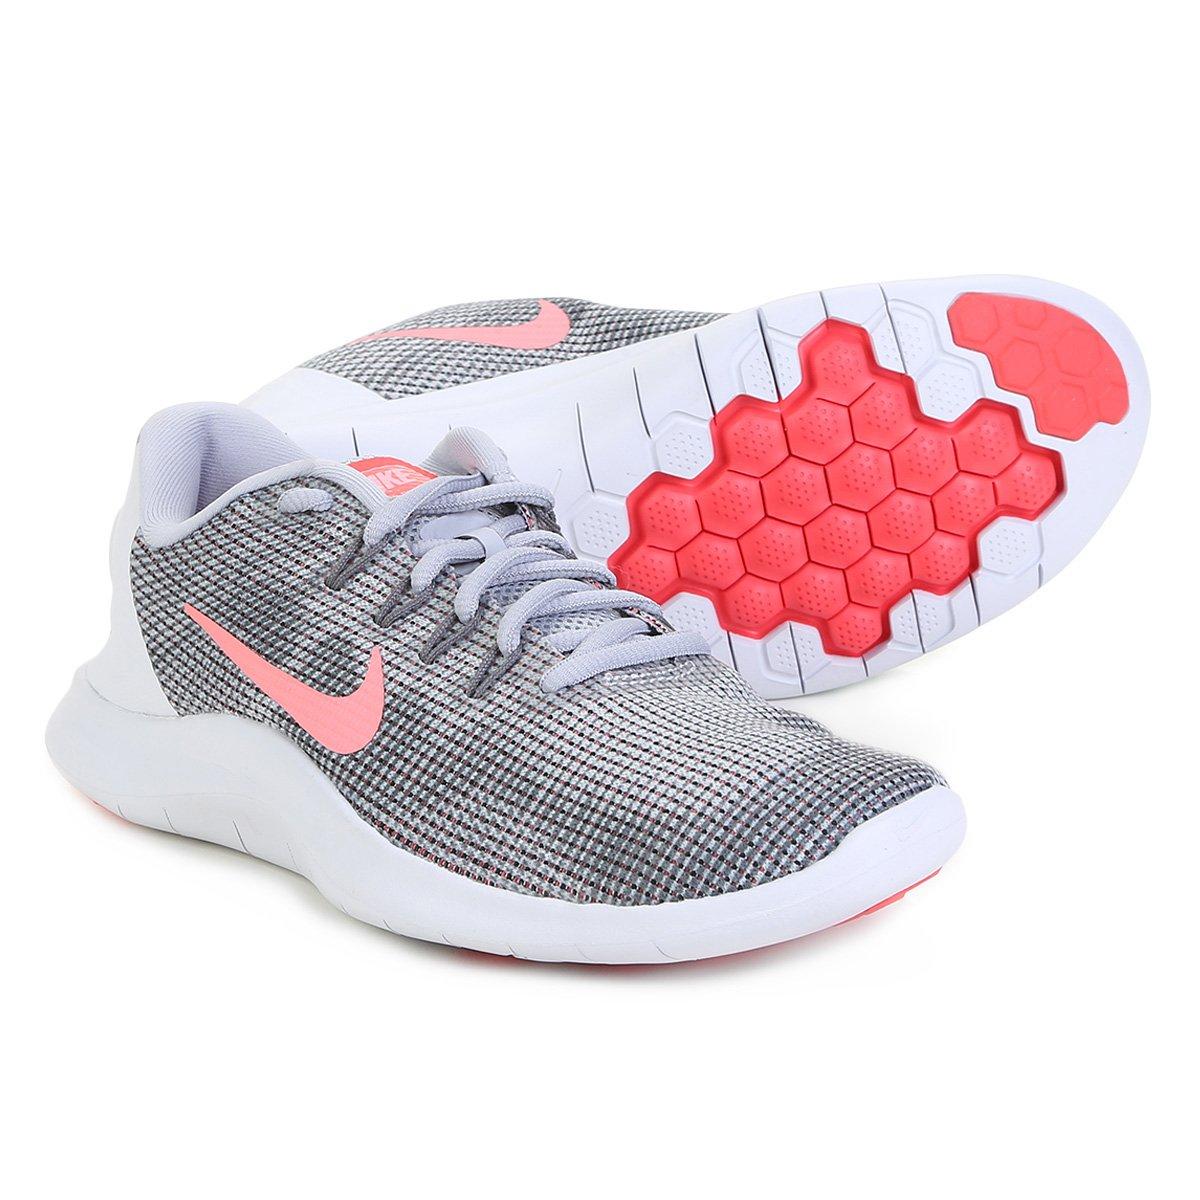 f5587825a1e Tênis Nike Wmns Flex 2018 Rn Feminino - Cinza - Compre Agora